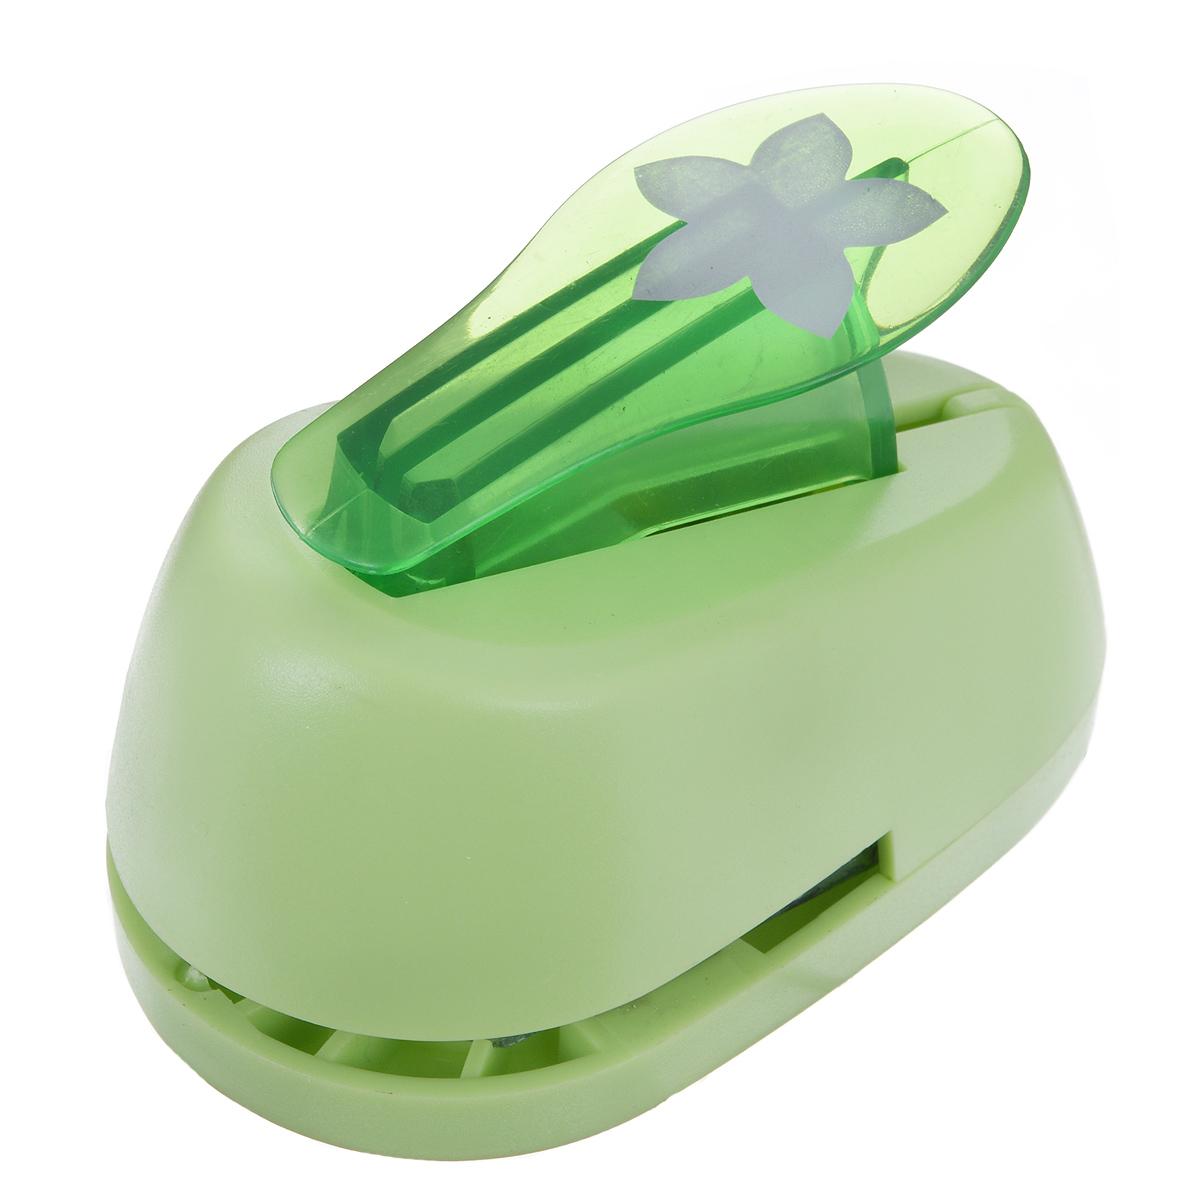 Дырокол фигурный Hobbyboom Цветок, №97, цвет: зеленый, 2,5 смPP-220Фигурный дырокол Hobbyboom Цветок, изготовленный из прочного металла и пластика, поможет вам легко, просто и аккуратно вырезать много одинаковых мелких фигурок.Режущие части дырокола закрыты пластиковым корпусом, что обеспечивает безопасность для детей. Предназначен для бумаги плотностью - 80 - 200 г/м2. Рисунок прорези указан на ручке дырокола.Размер дырокола: 8 см х 5 см х 4,5 см. Диаметр готовой фигурки: 2,5 см.